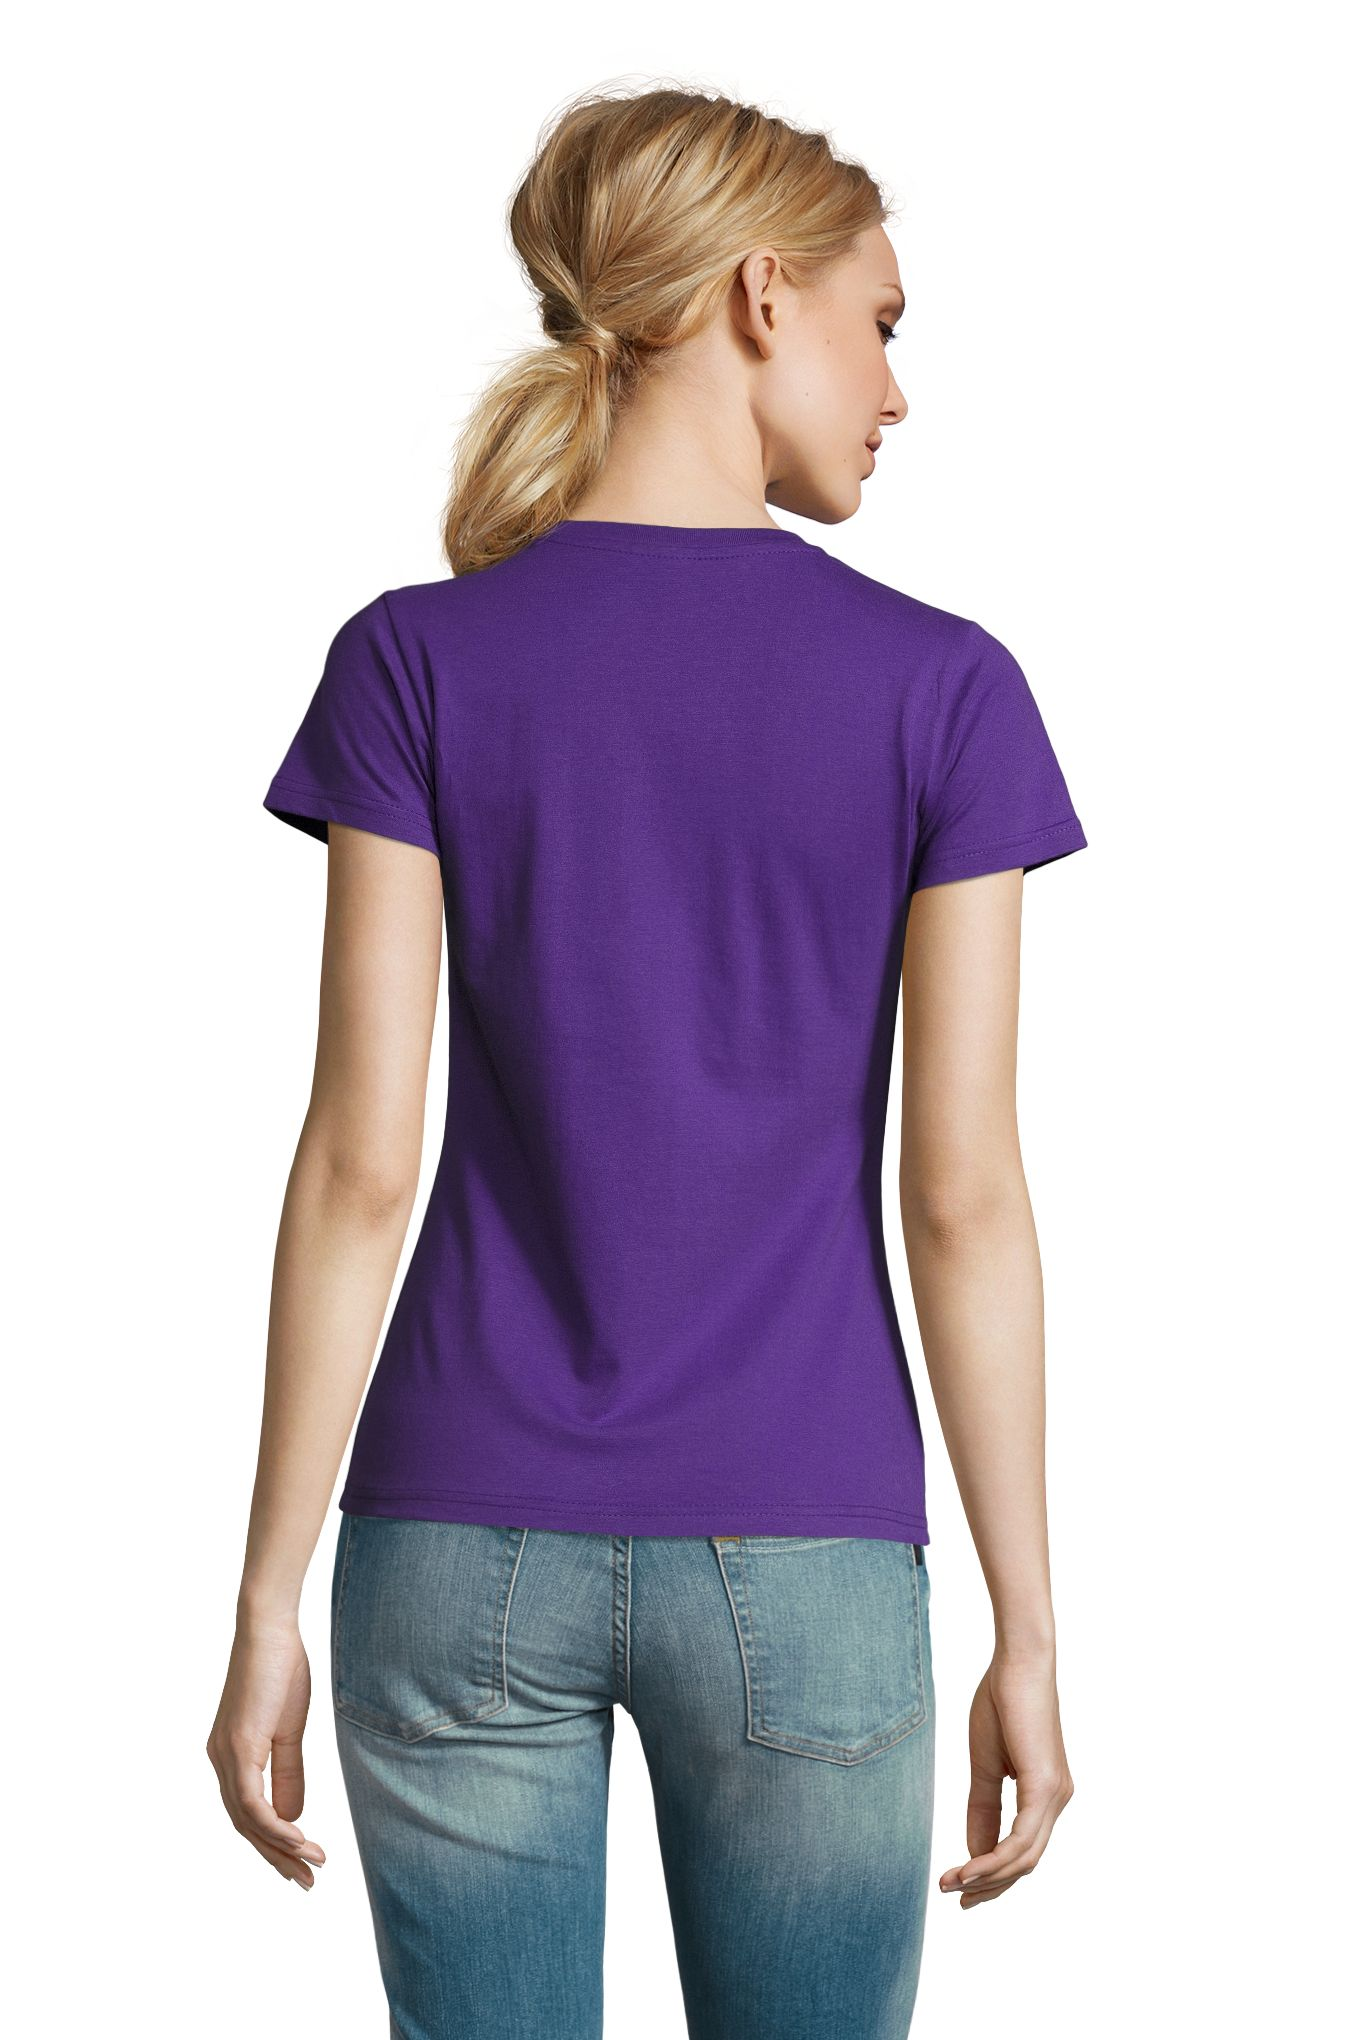 712 - Violet foncé